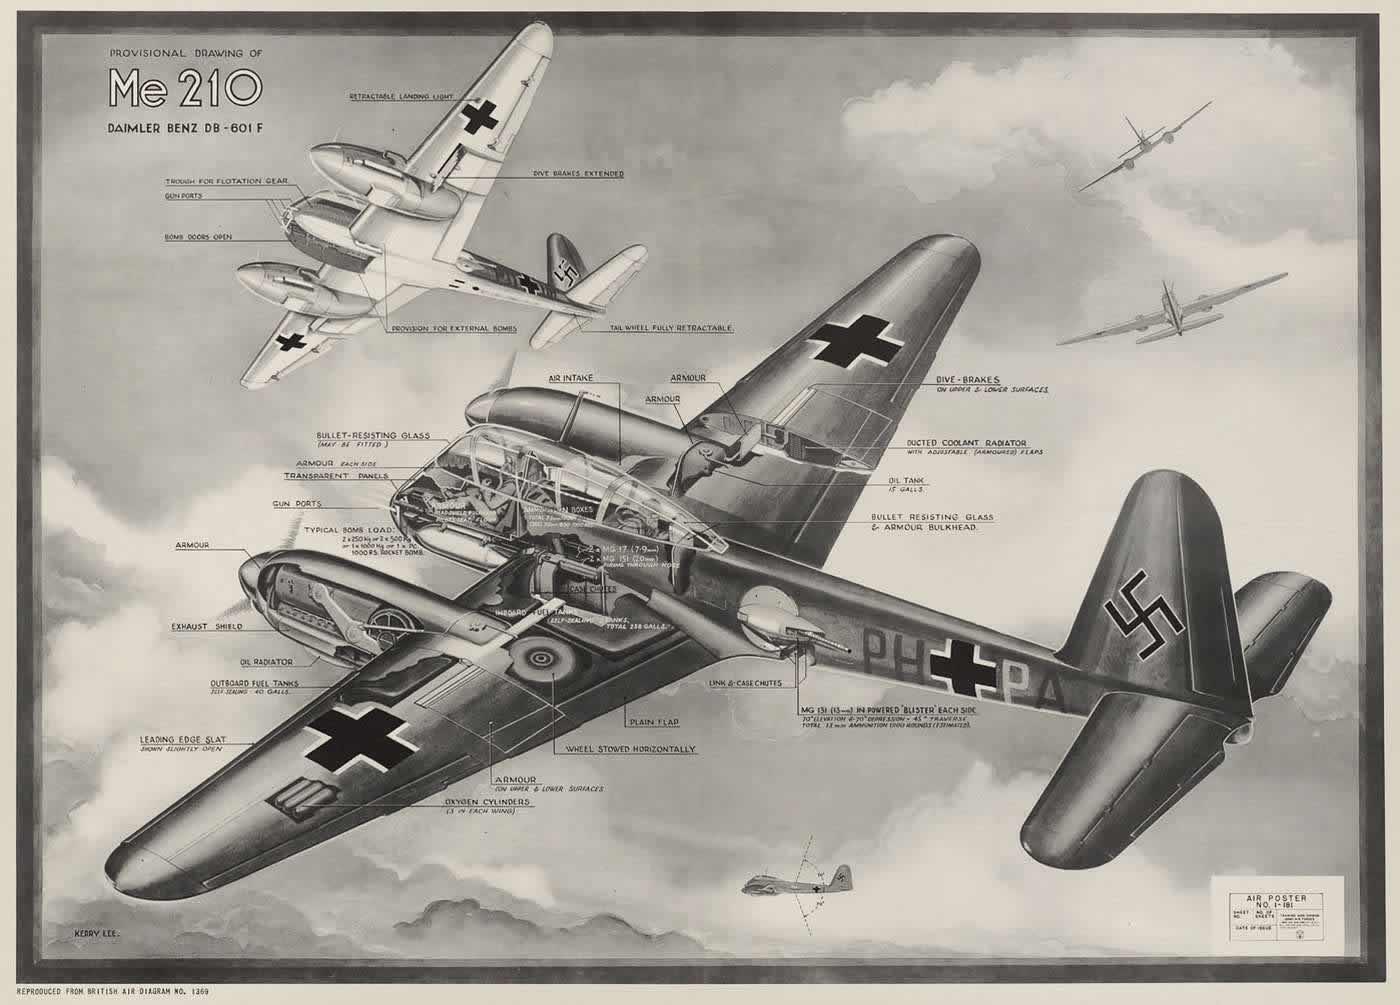 Немецкий тяжелый истребитель Мессершмитт Me 210 с авиационным двигателем Daimler-Benz DB-601F